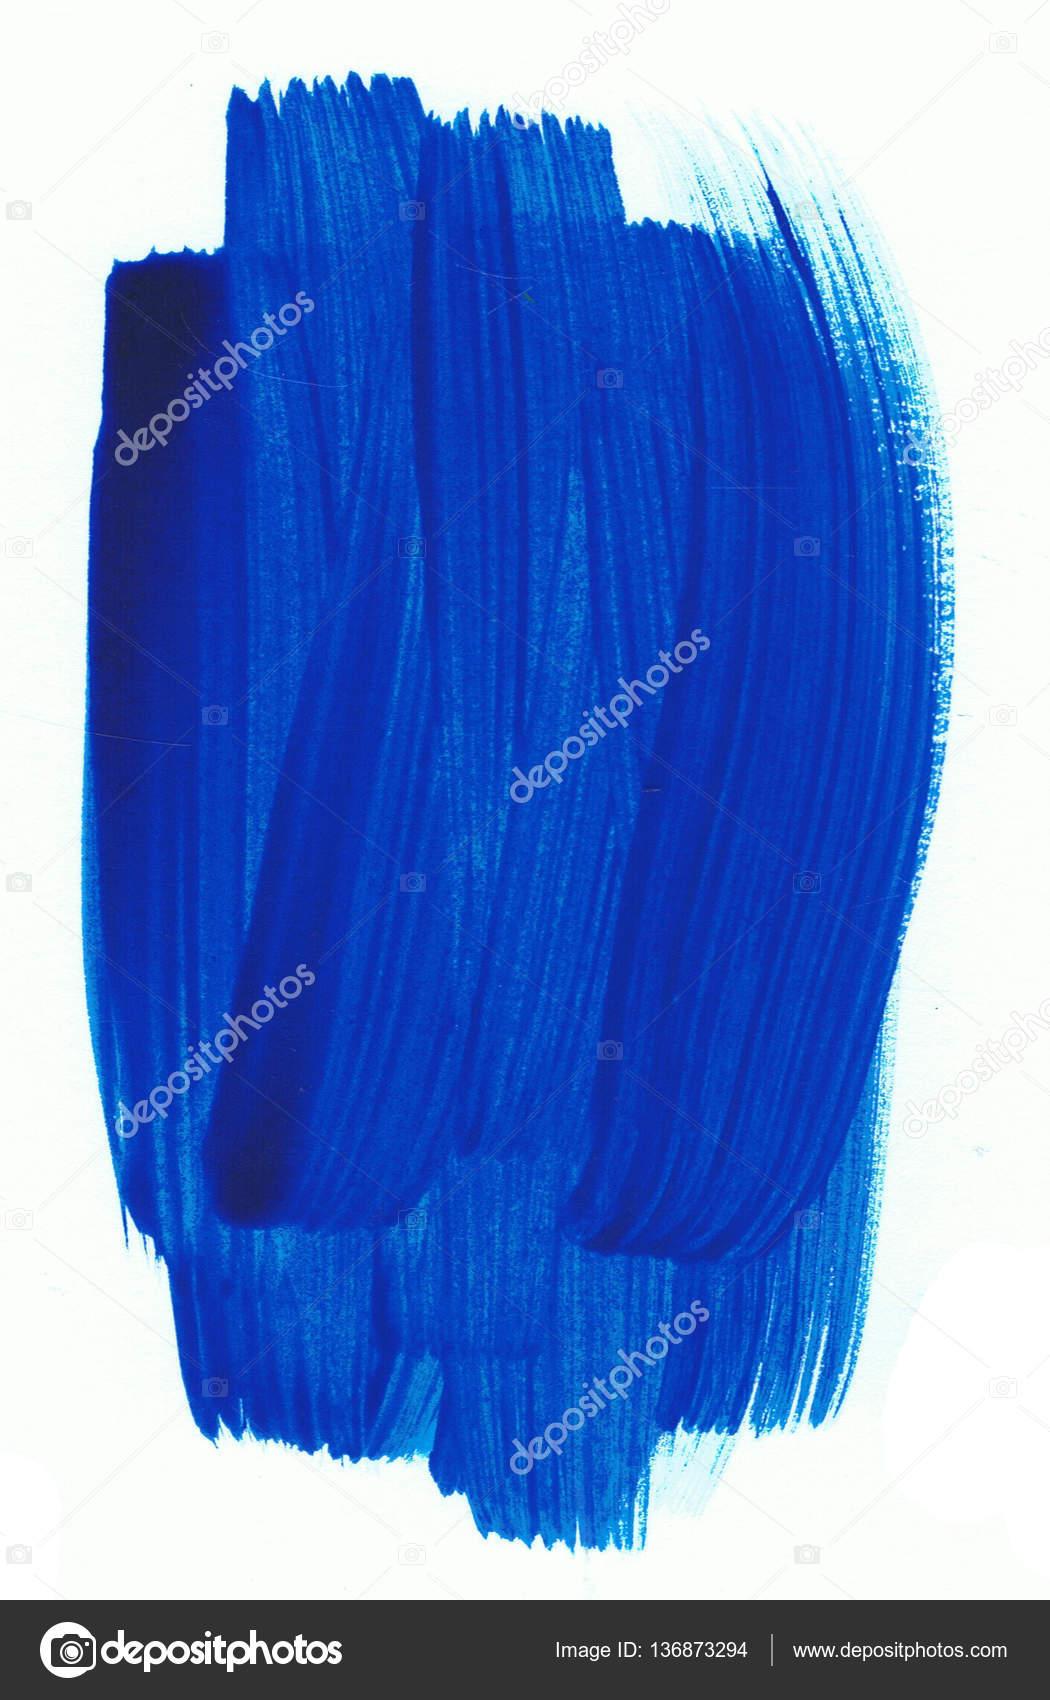 9d579599ae Niebieska farba dab na białym papierze. Artystyczny element– obraz stockowy